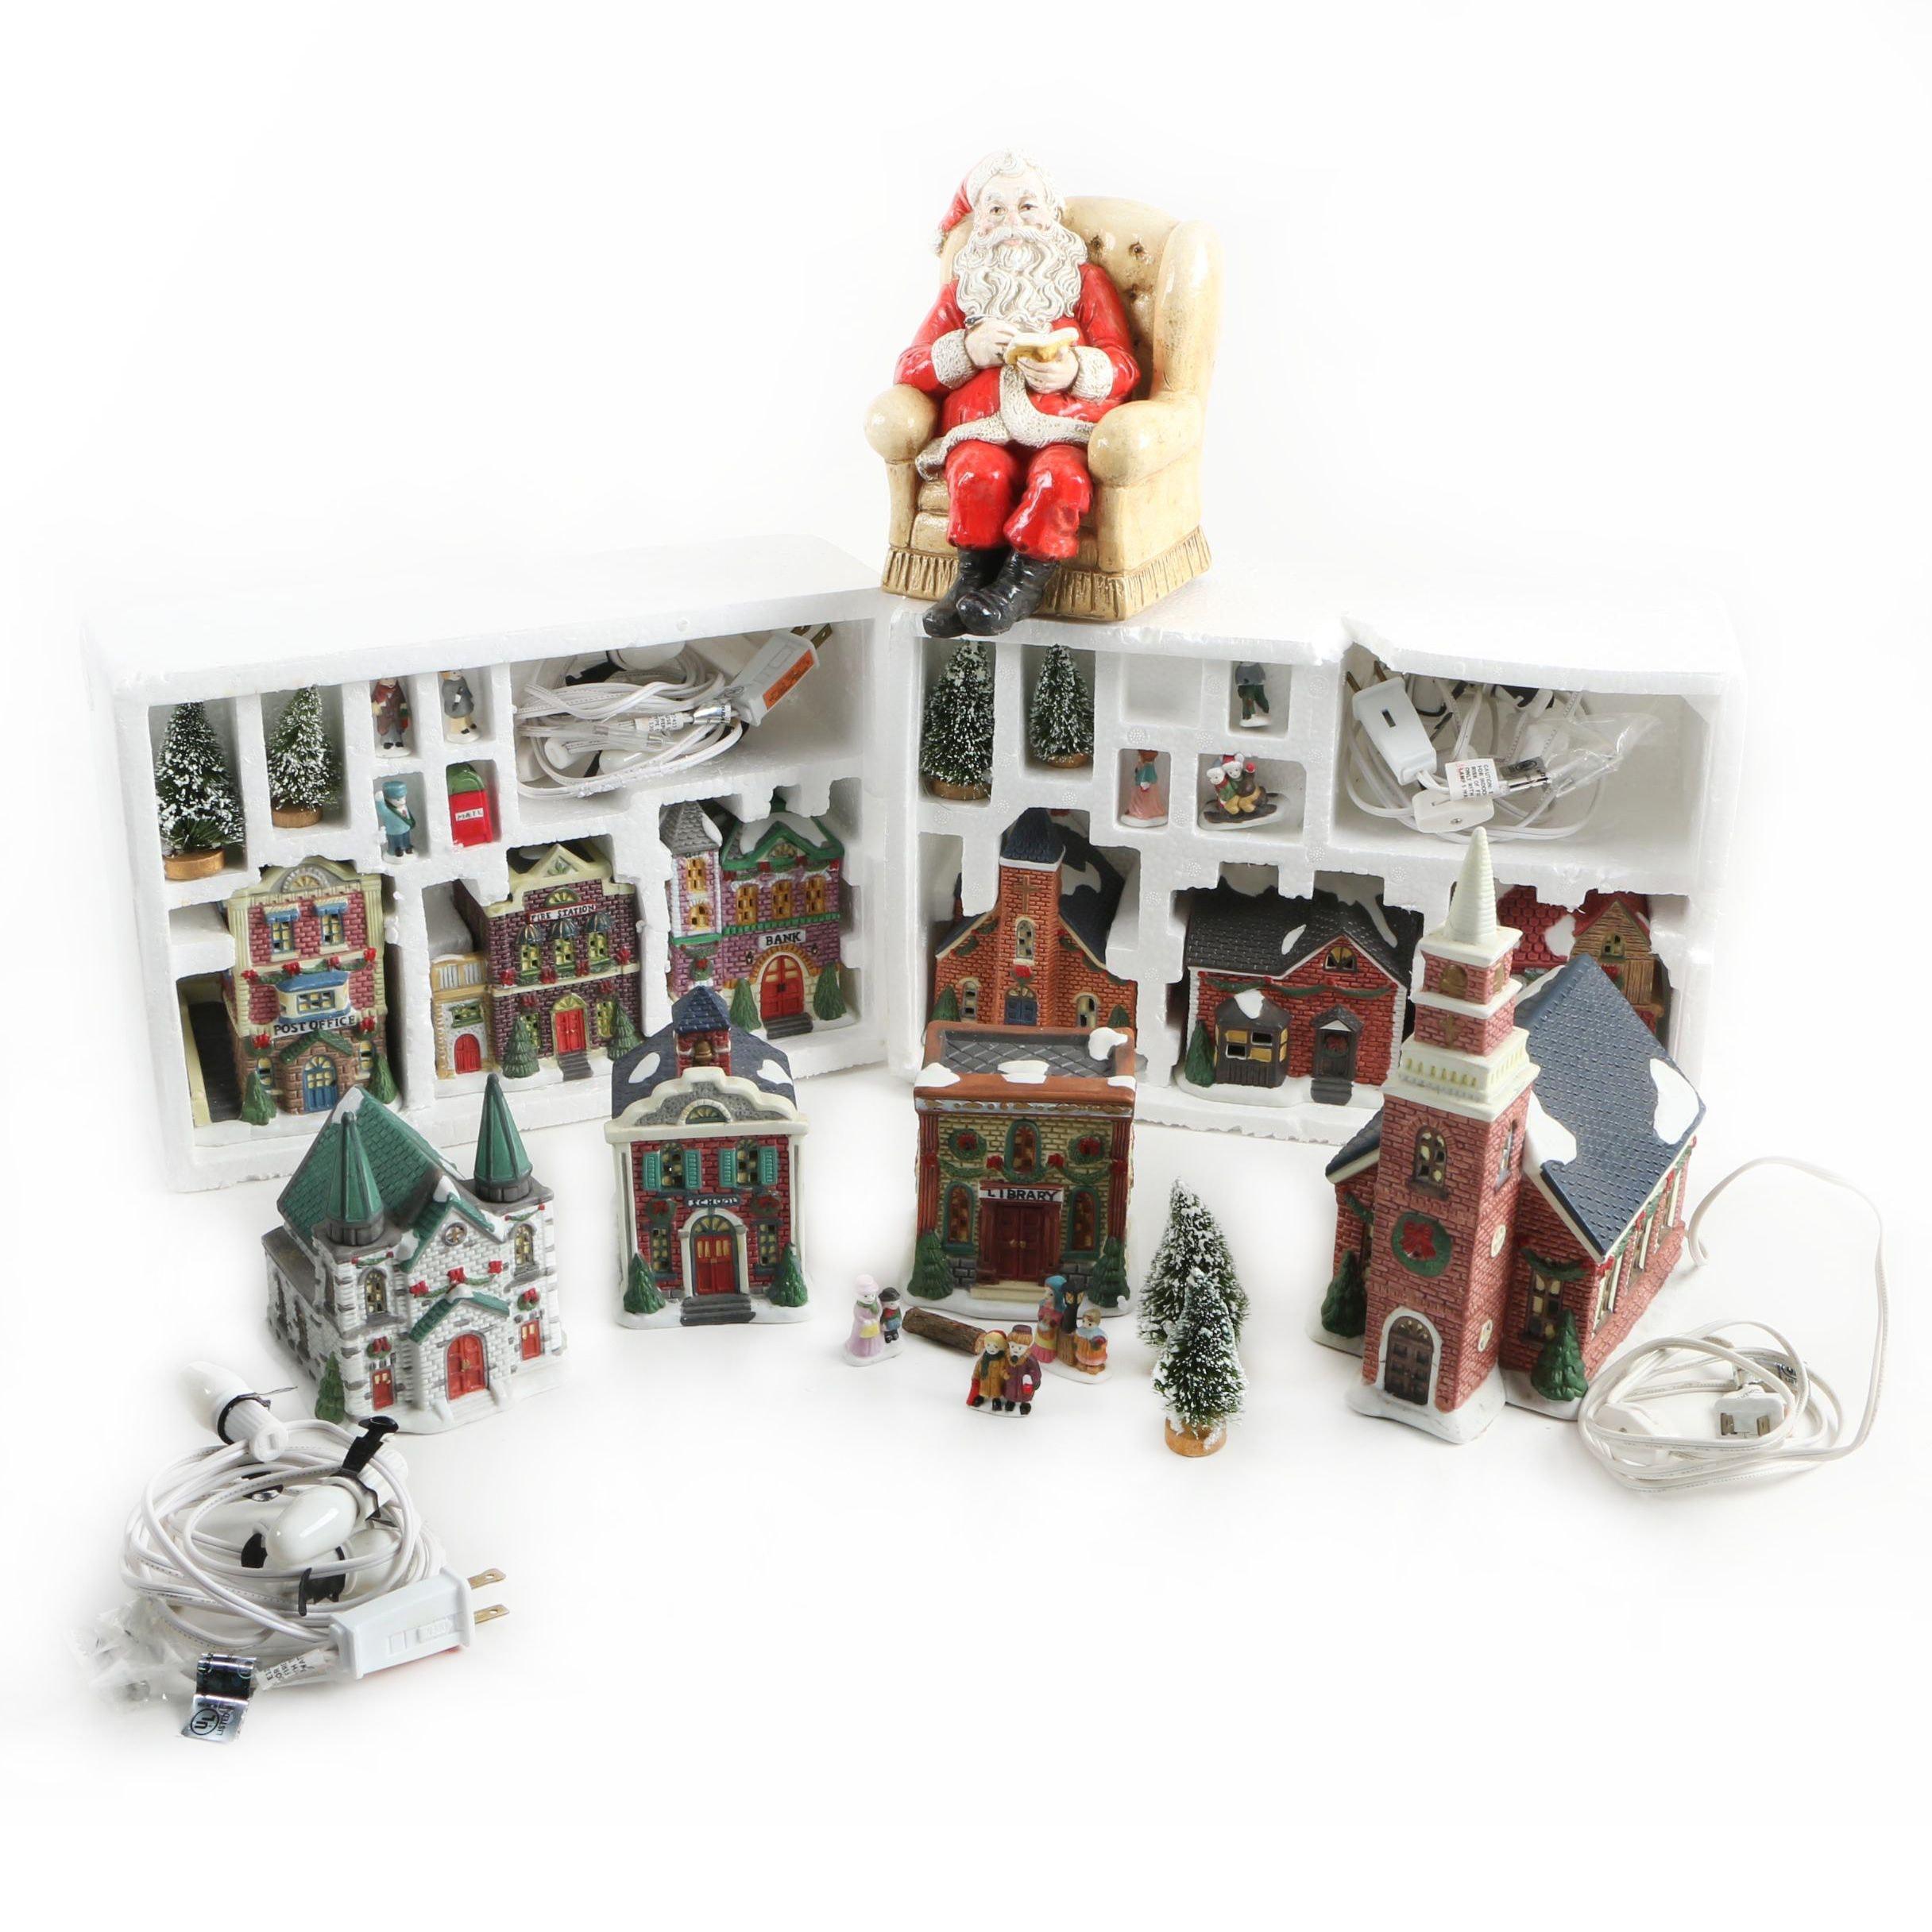 1995 Trim A Home Porcelain Christmas Village Buildings